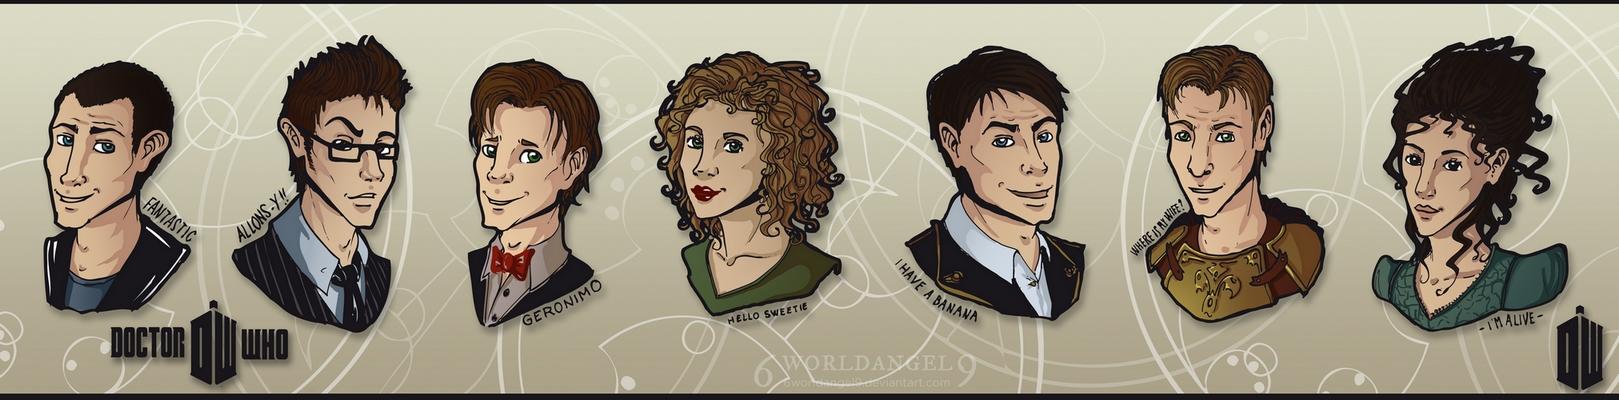 Doctor Who by 6worldangel9